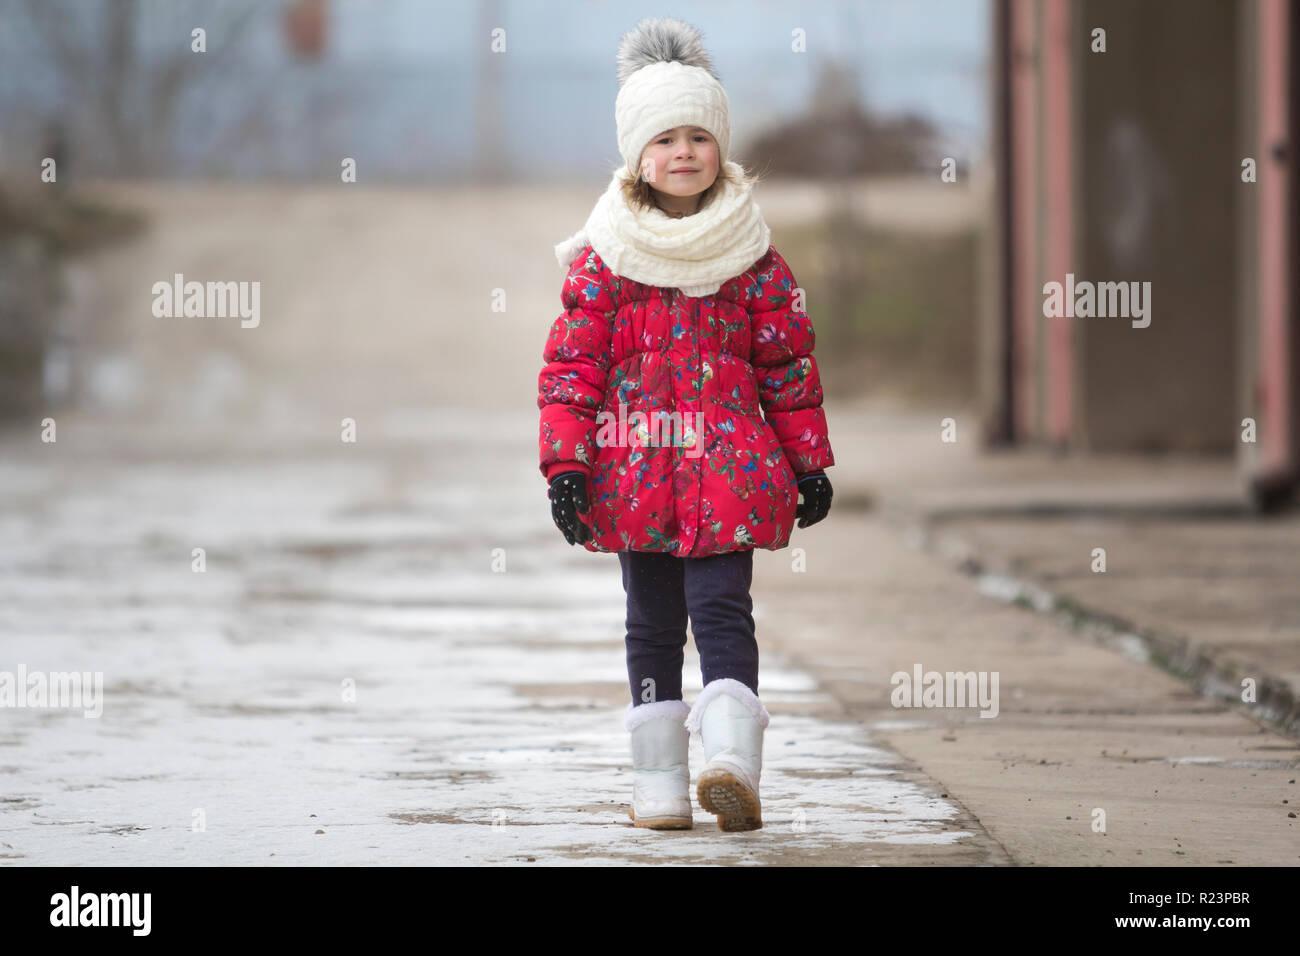 0898e4e373df Ritratto di piccolo grazioso funny giovane bambina carina ragazza in bello  e caldo abbigliamento invernale tranquillamente a piedi da soli su bianco  ...